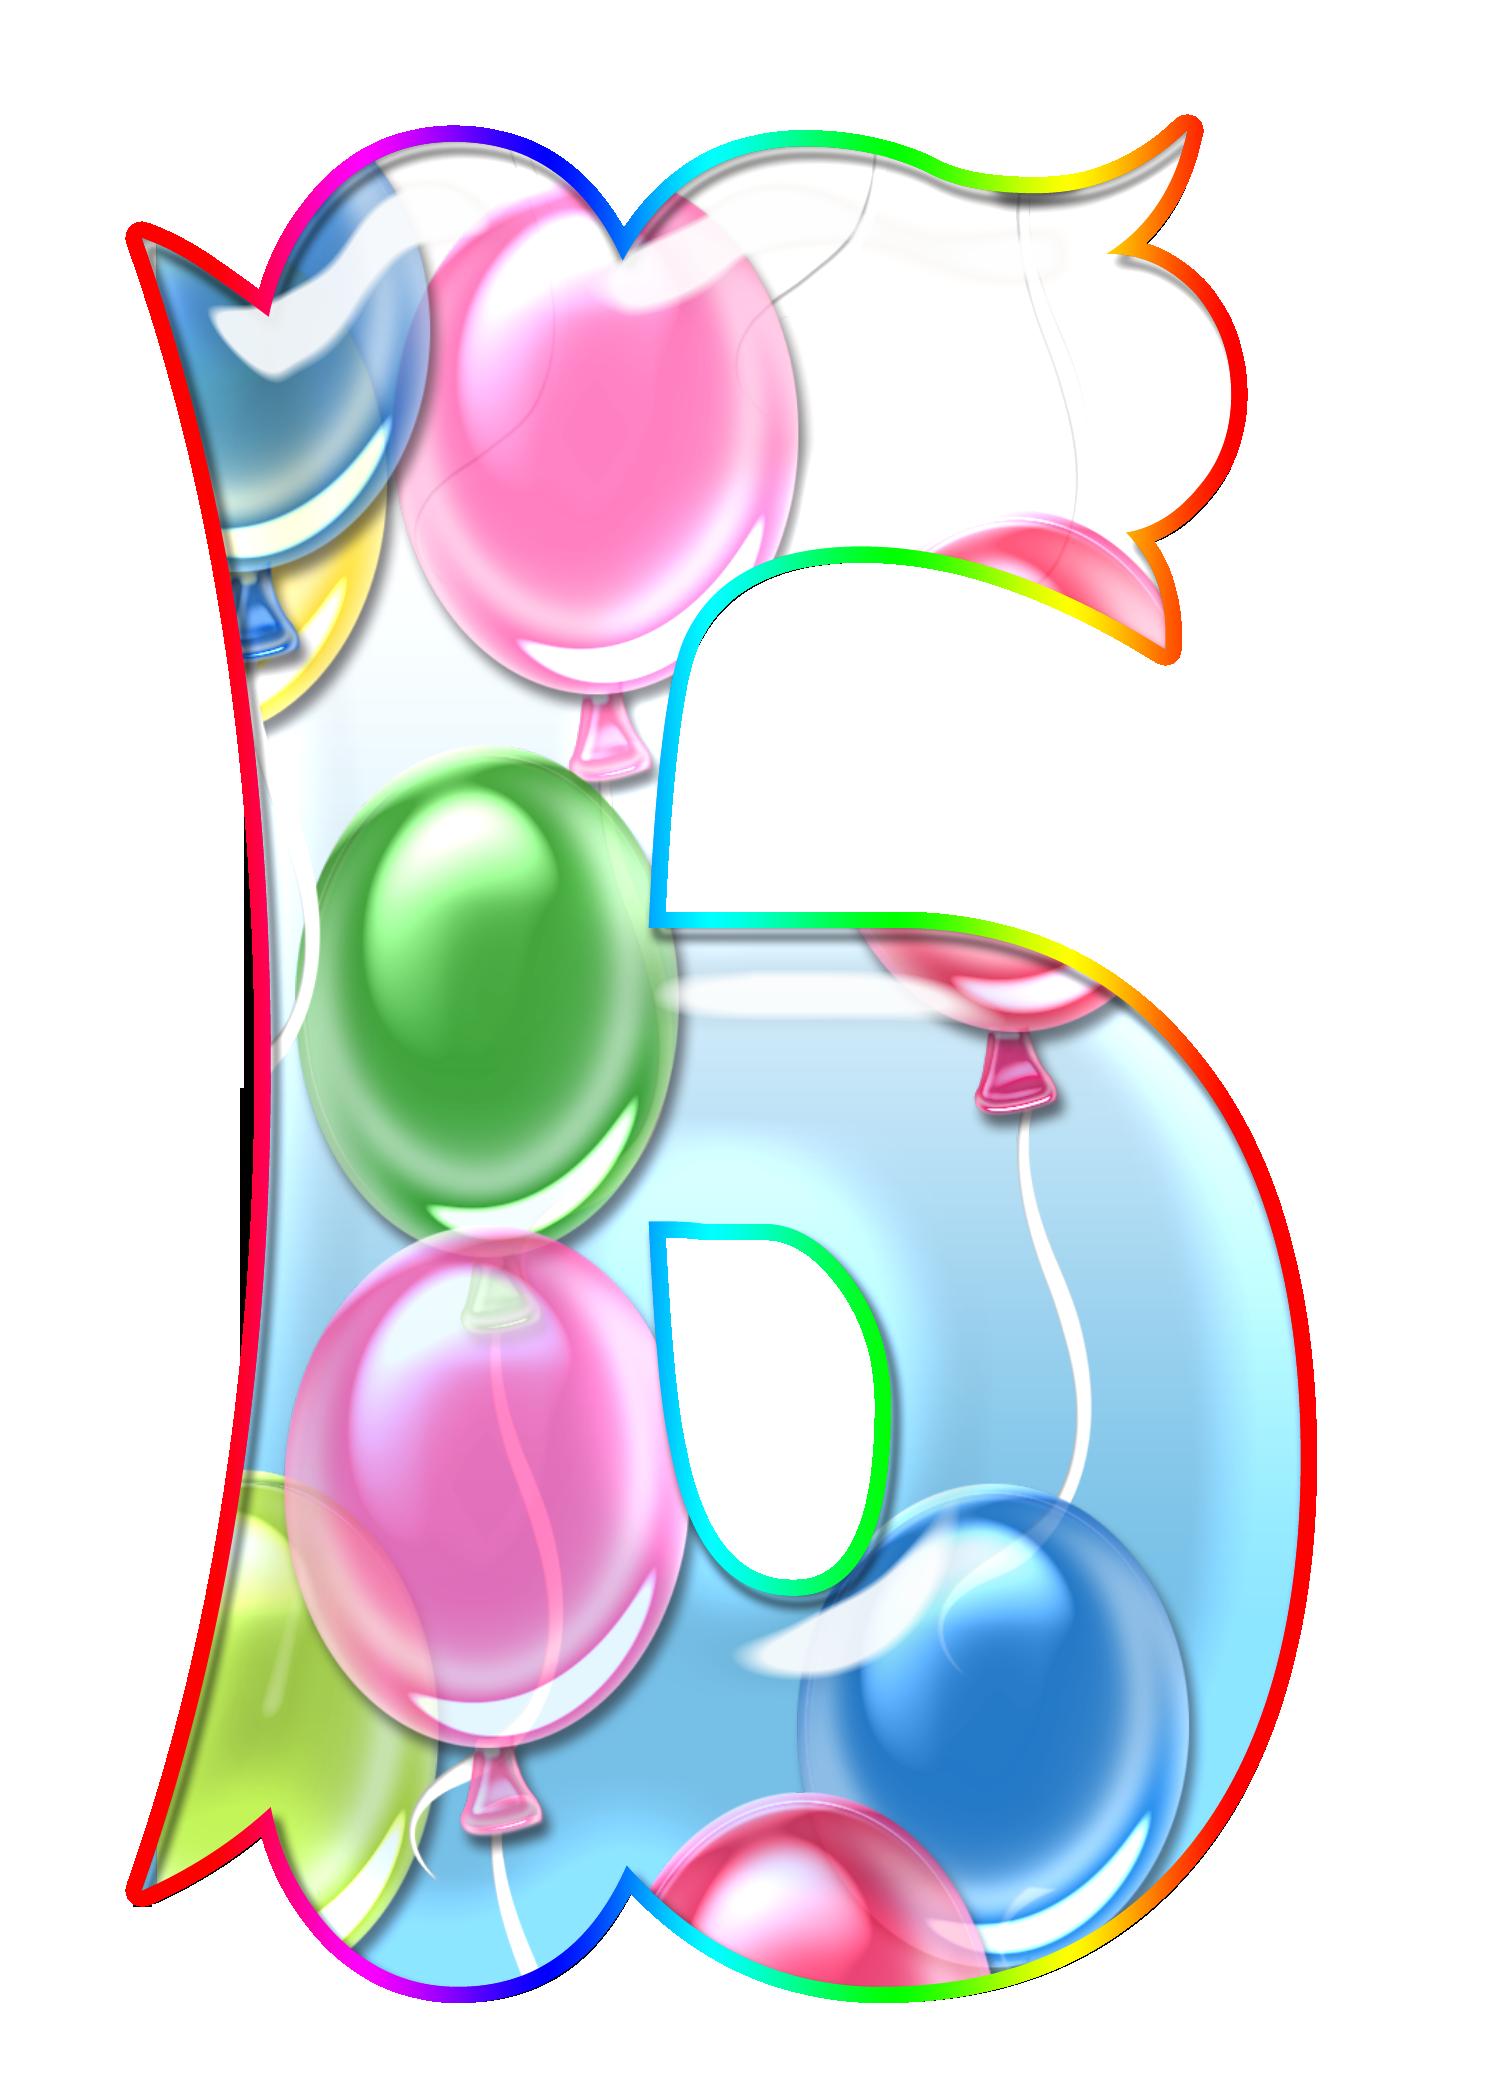 алфавит русский картинки с днем рождения кто собираются